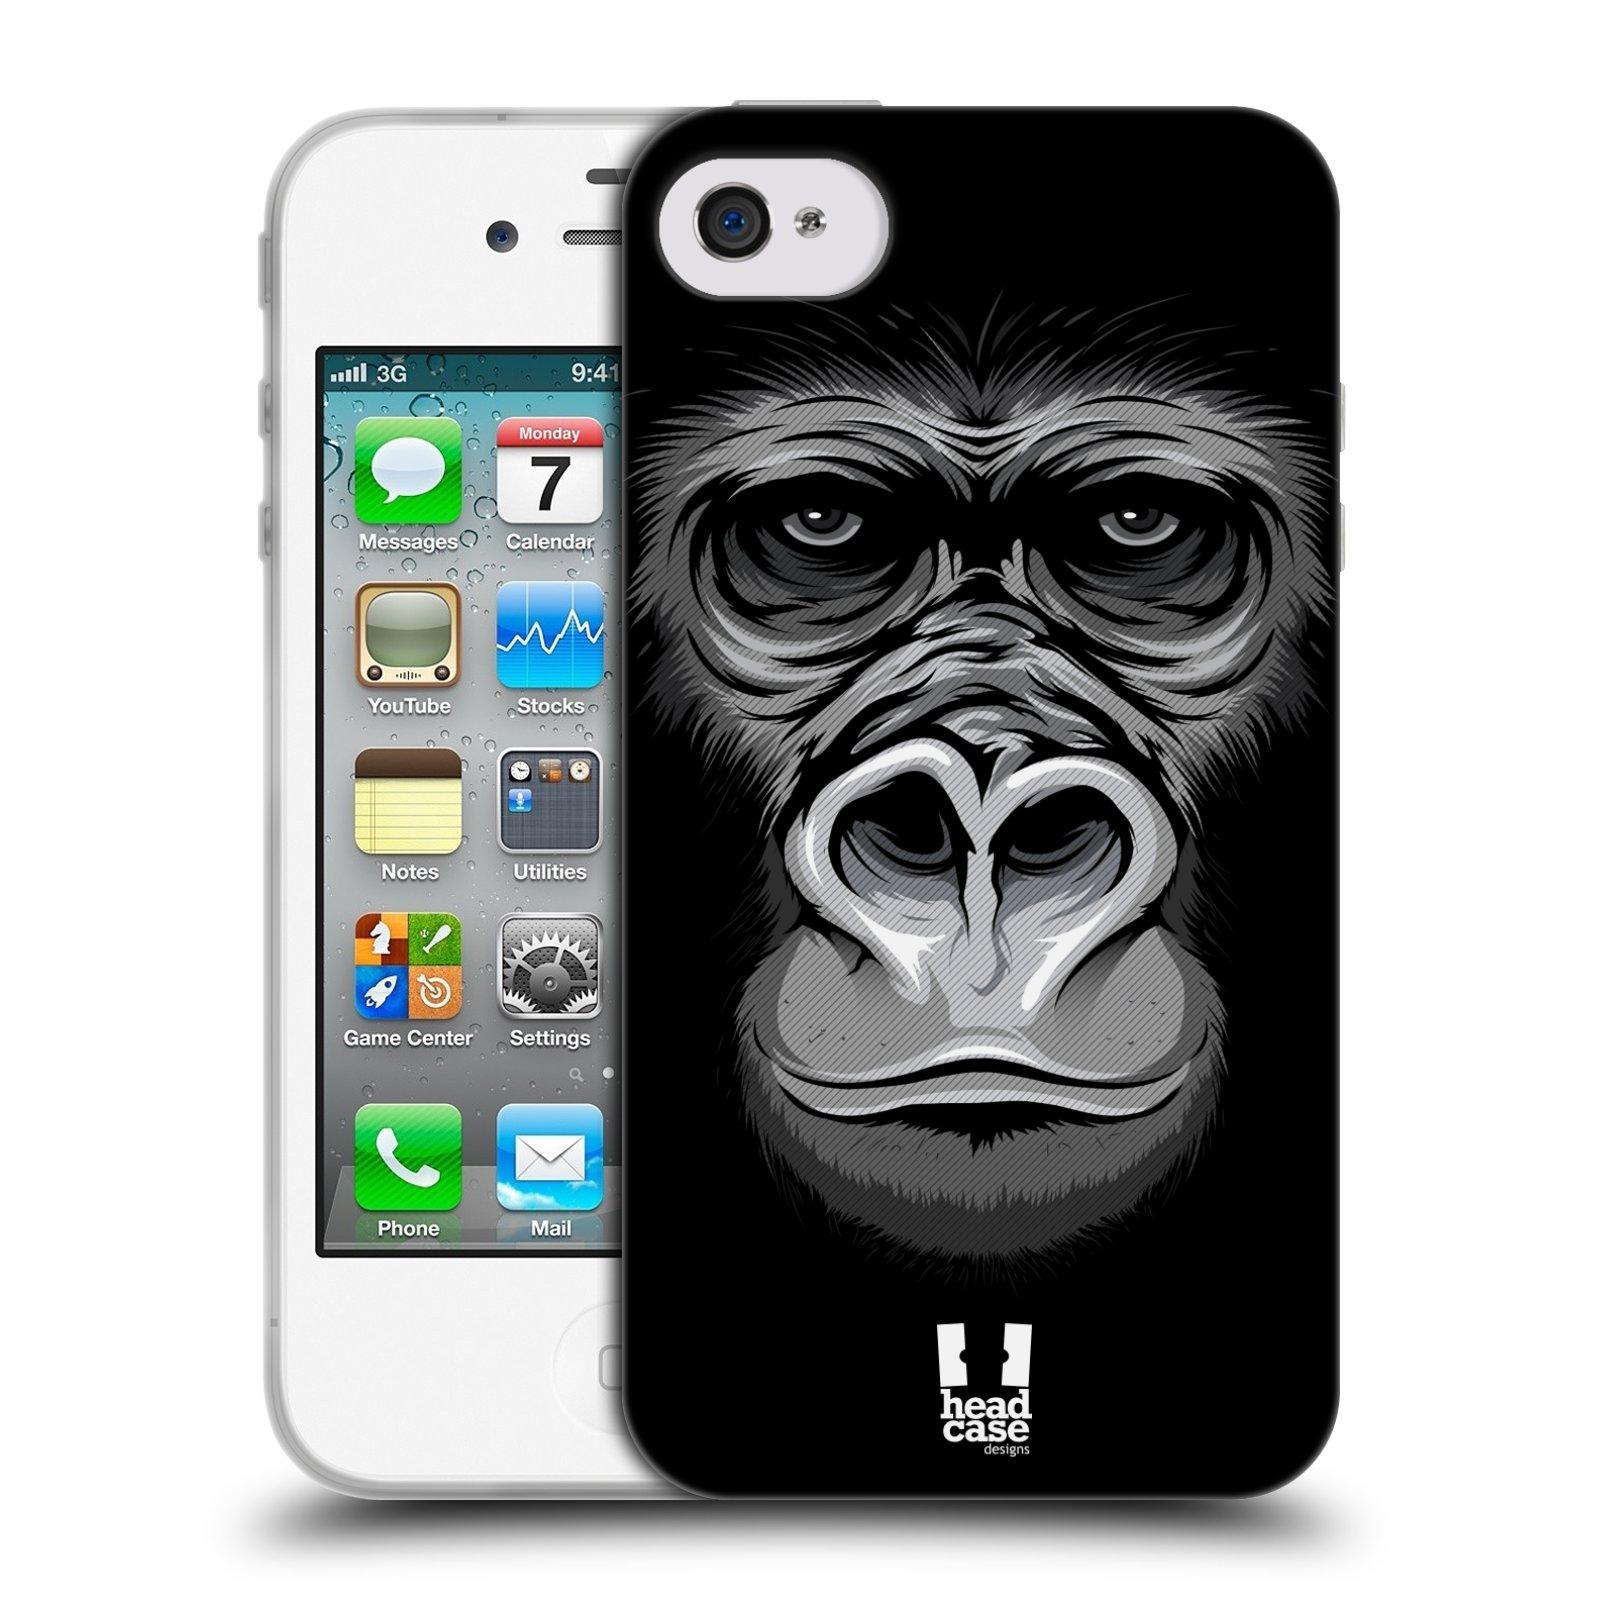 HEAD CASE silikonový obal na mobil Apple Iphone 4/4S vzor Zvíře kreslená tvář 2 gorila